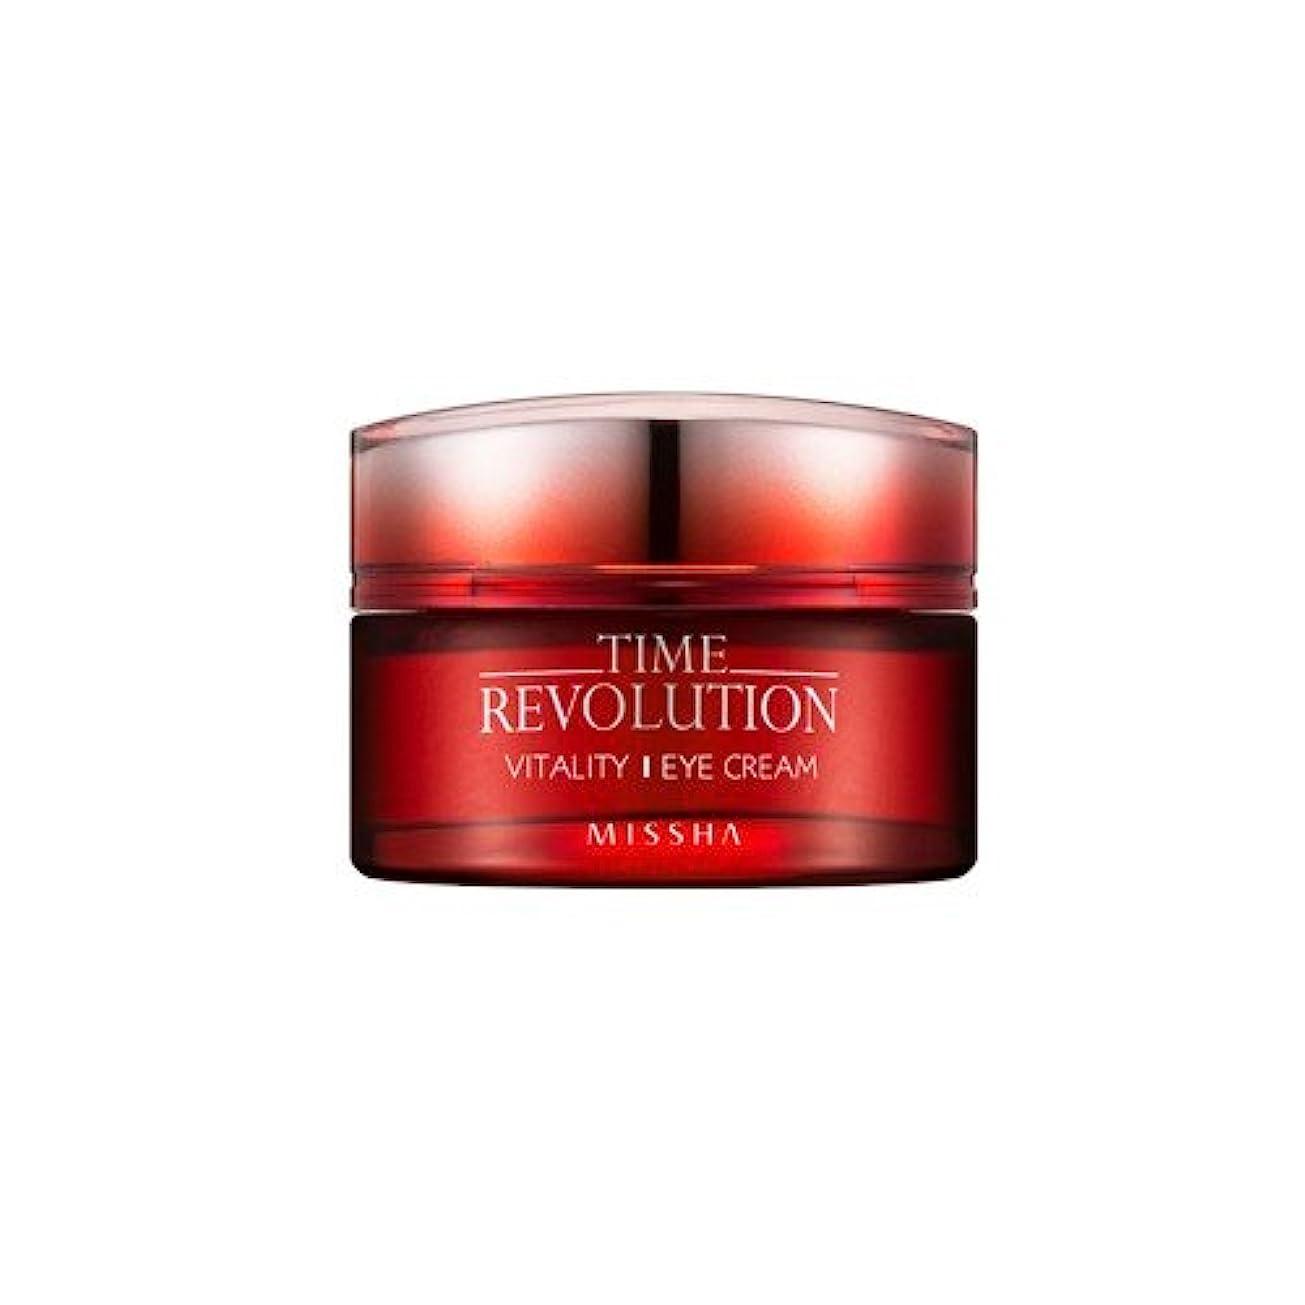 コンテンポラリーエコーファブリックMISSHA time revolution vitality eye cream (ミシャ タイムレボリューション バイタリティー アイクリーム)25ml